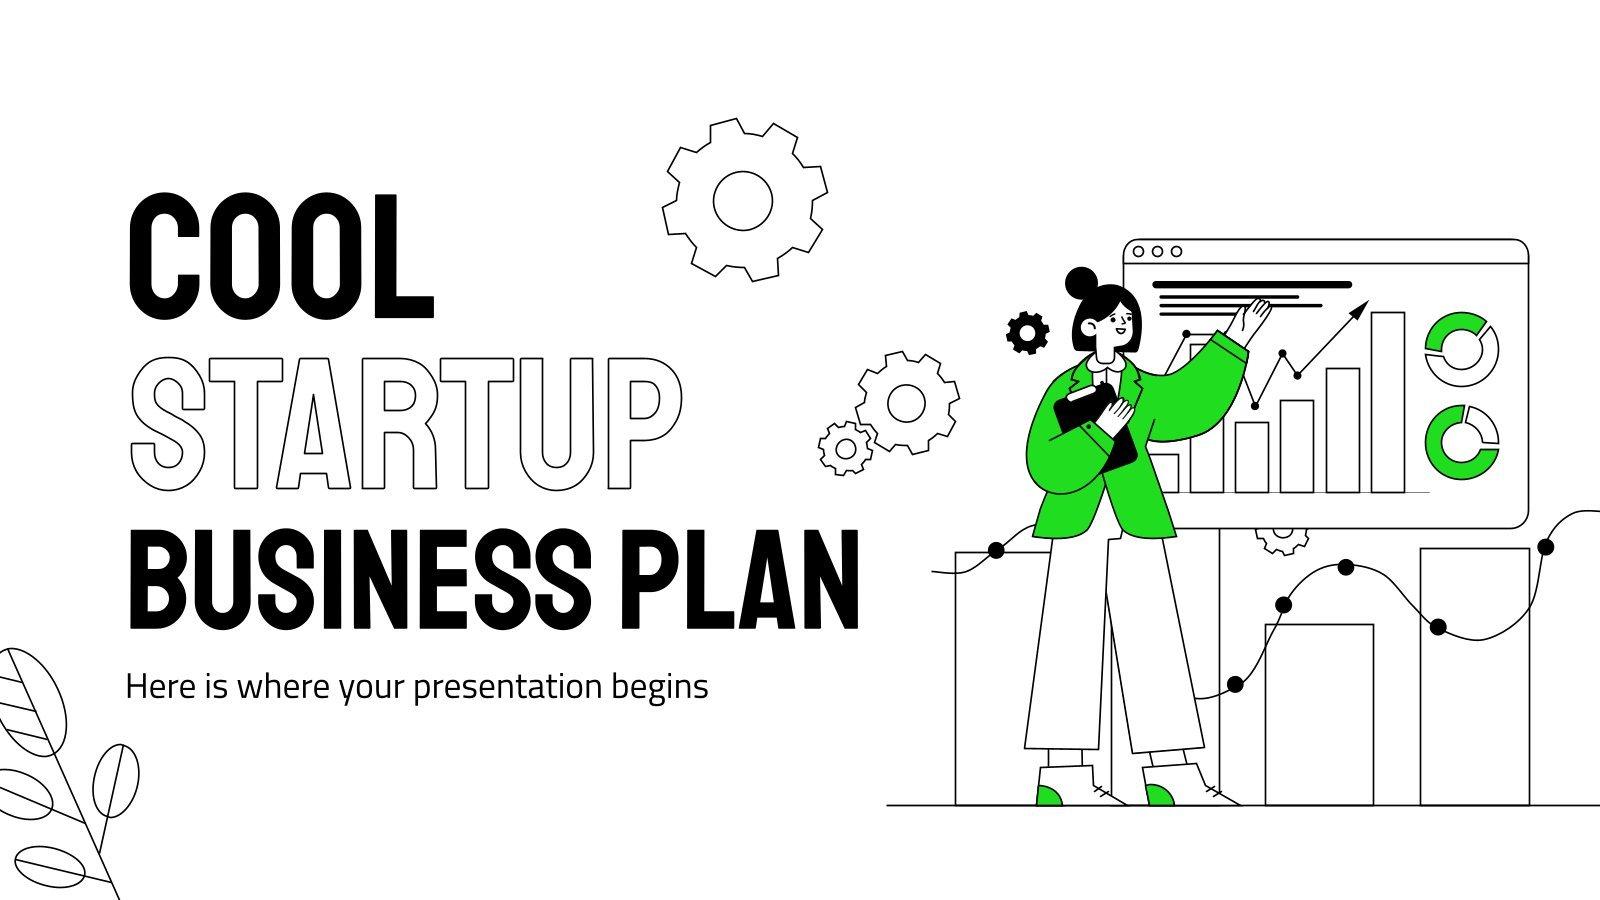 Plan d'affaires cool pour une startup : Modèles de présentation